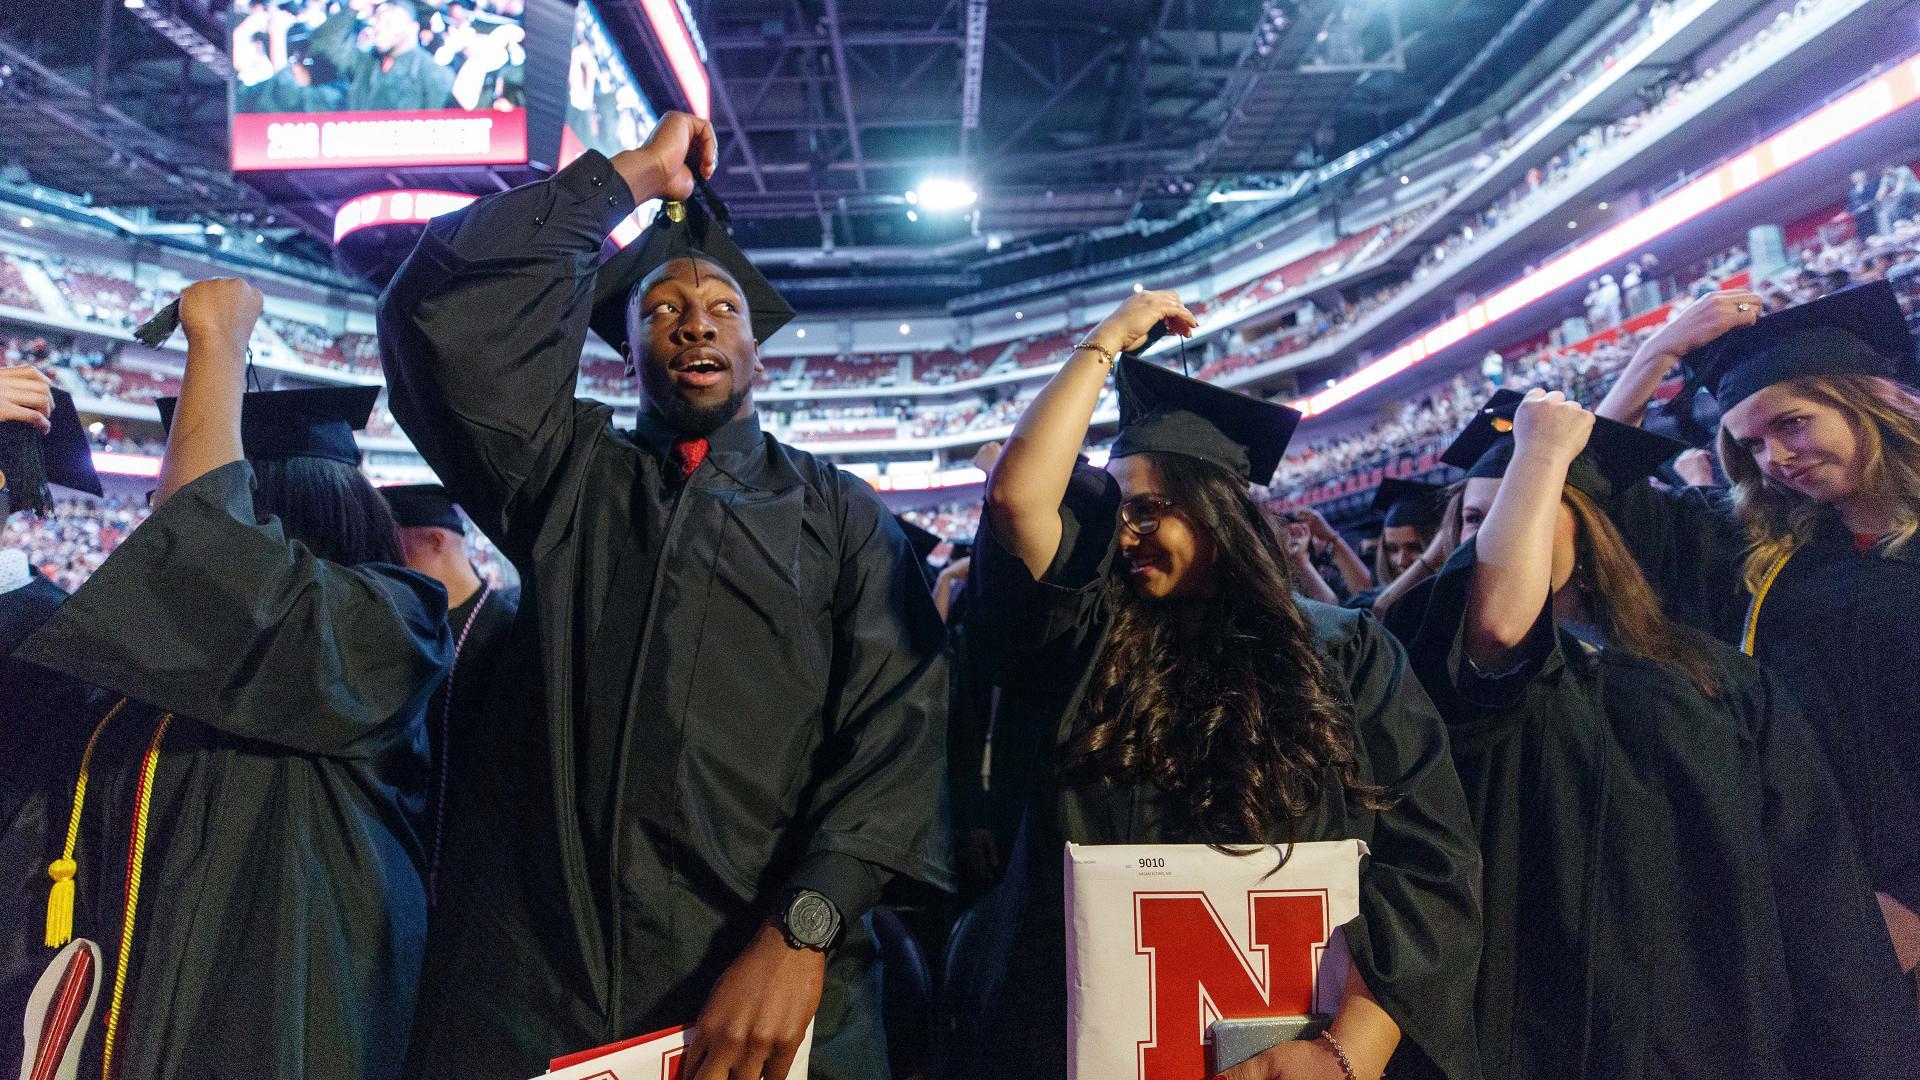 Black student moves tassel at commencement at Nebraska